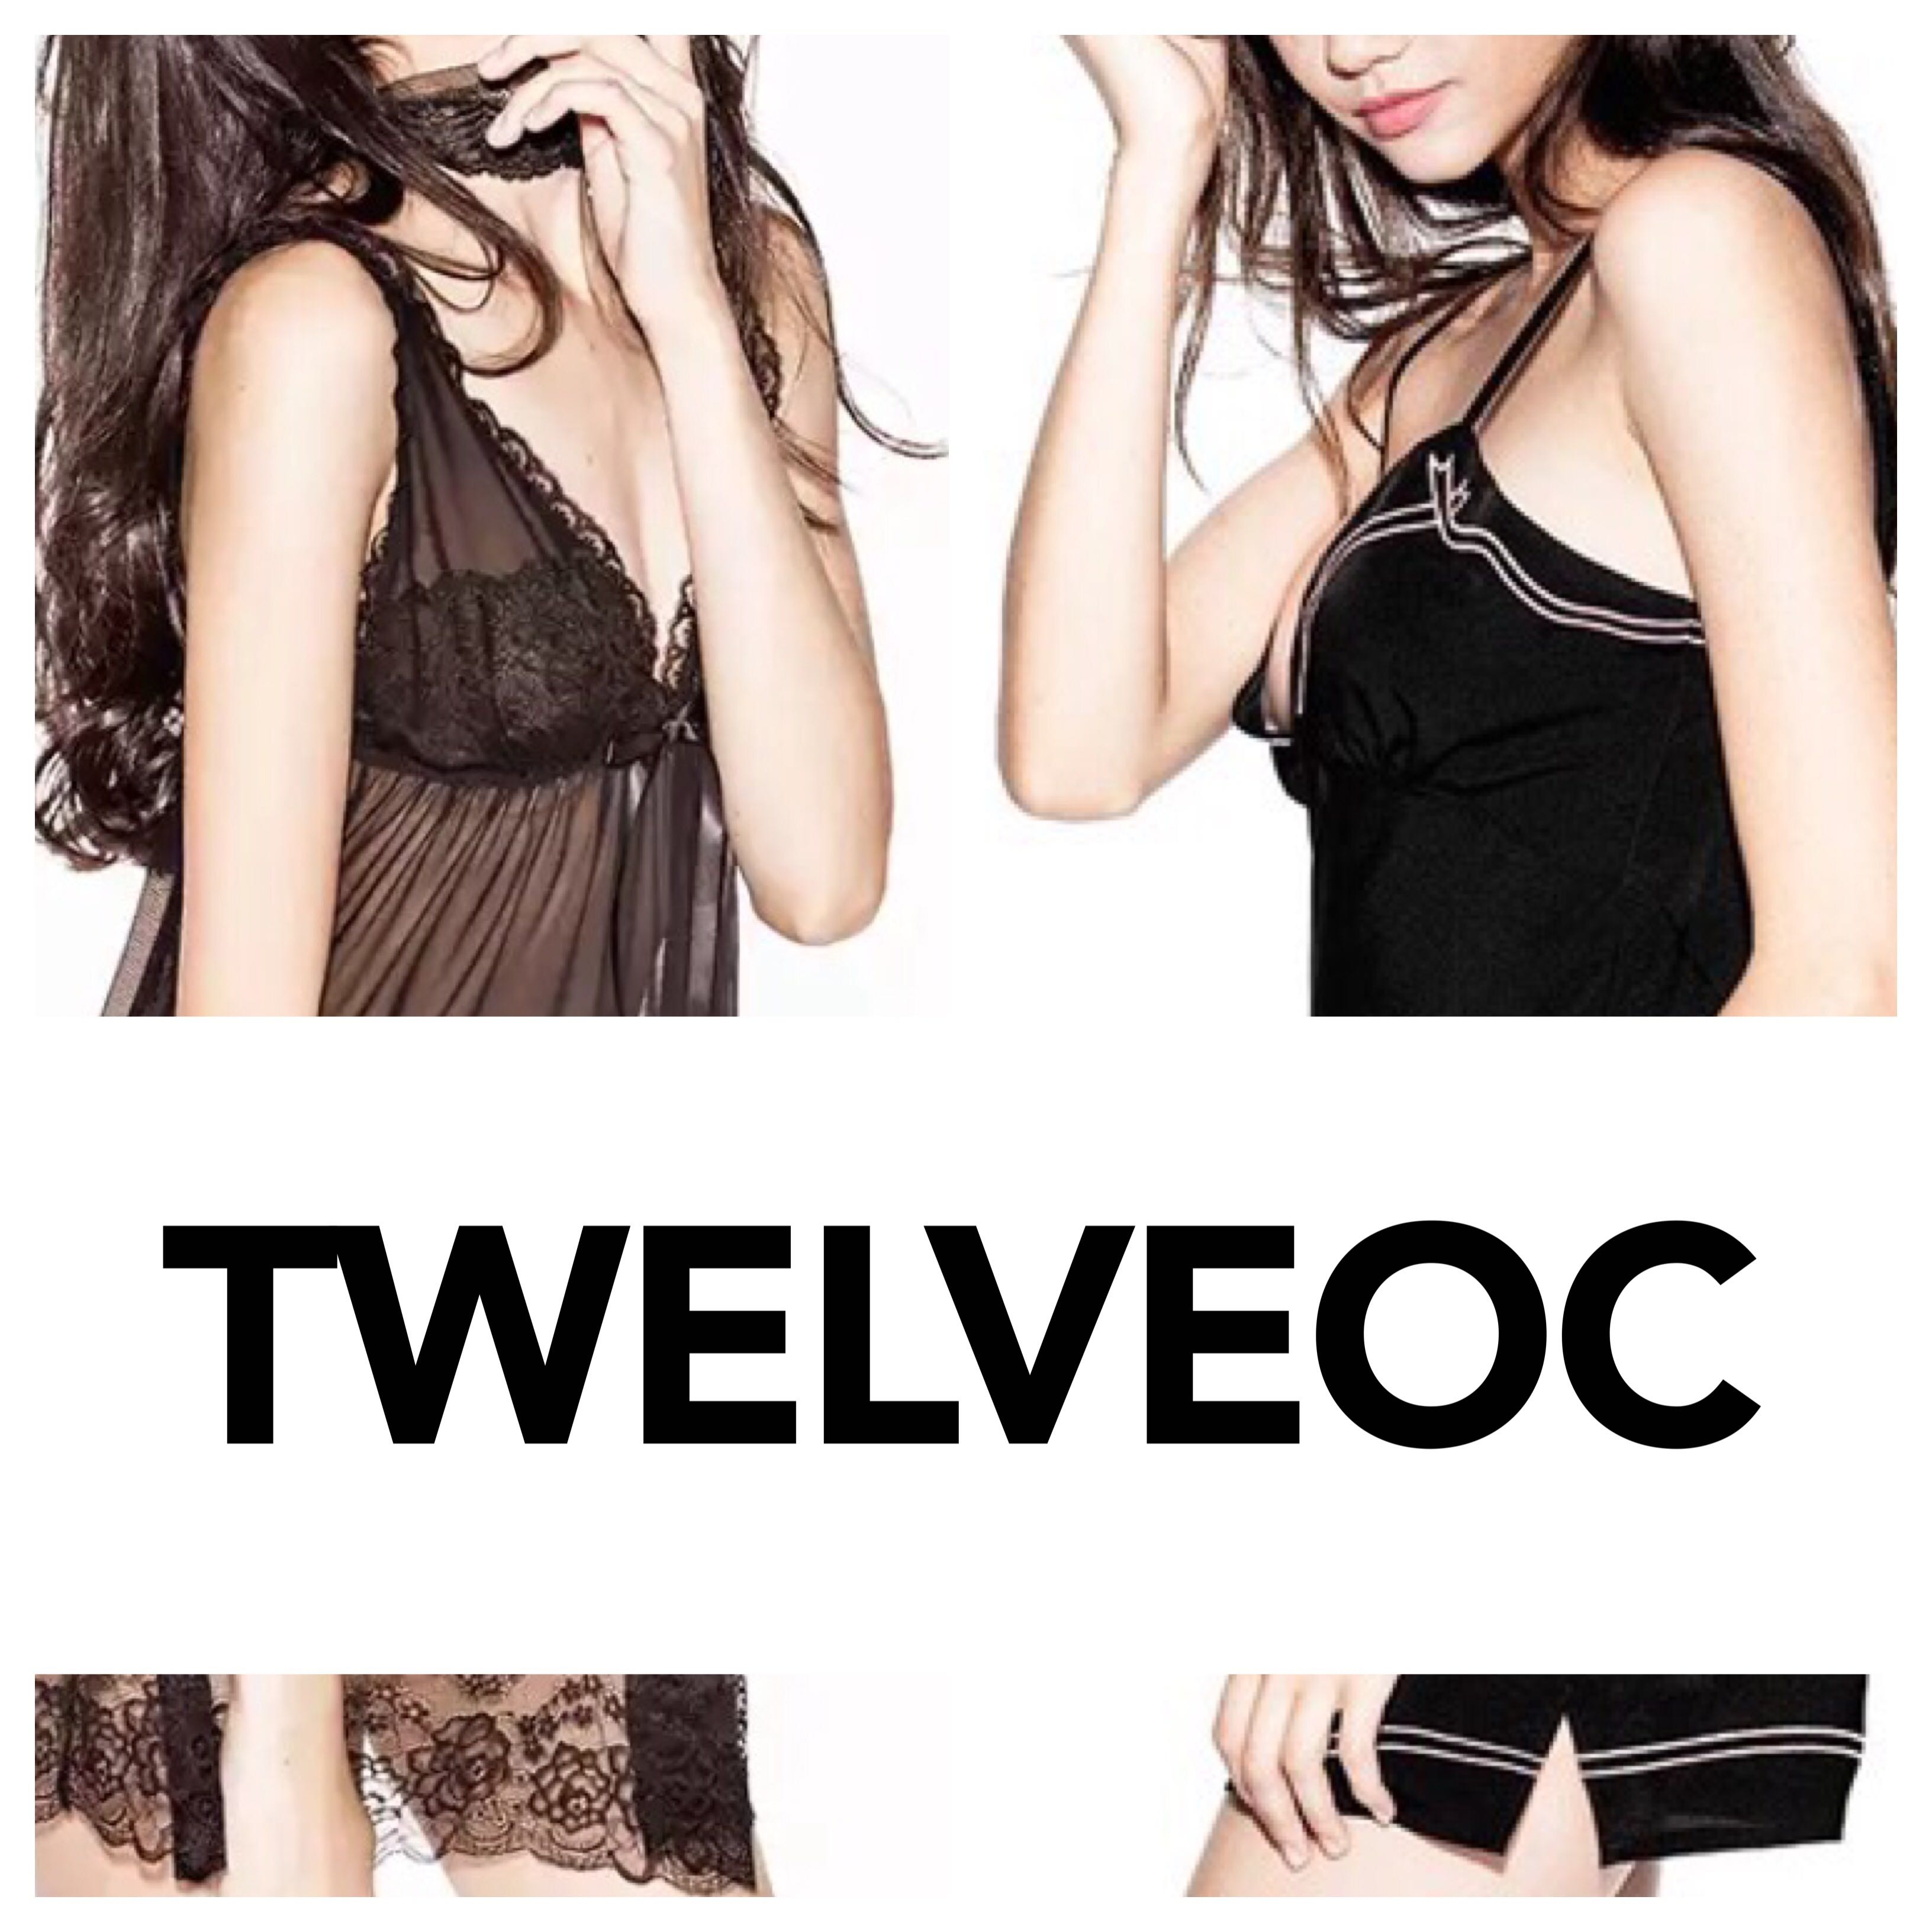 twelveoc